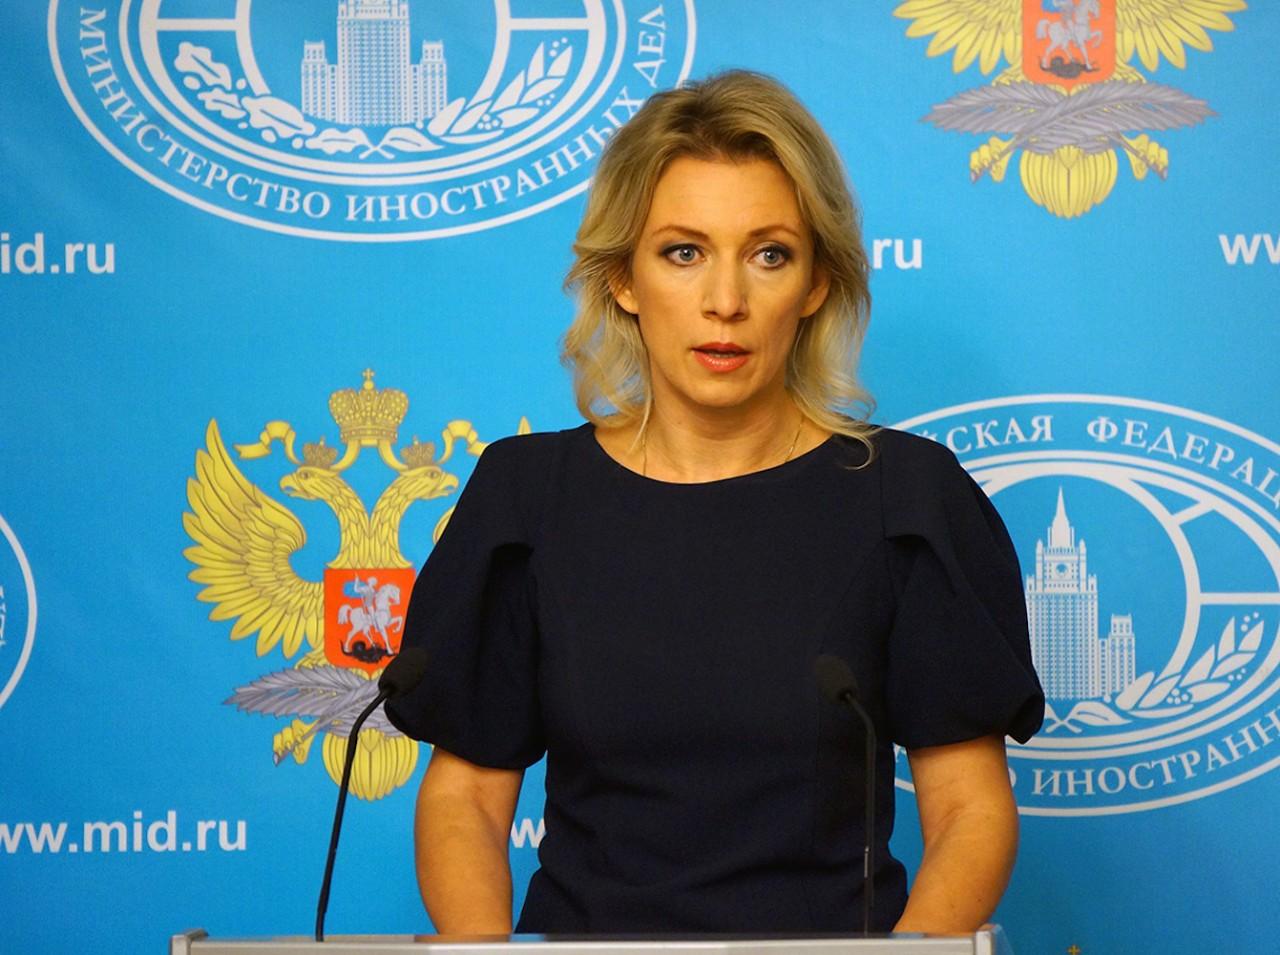 Москва пообещала ответить на санкции ЕС по Навальному